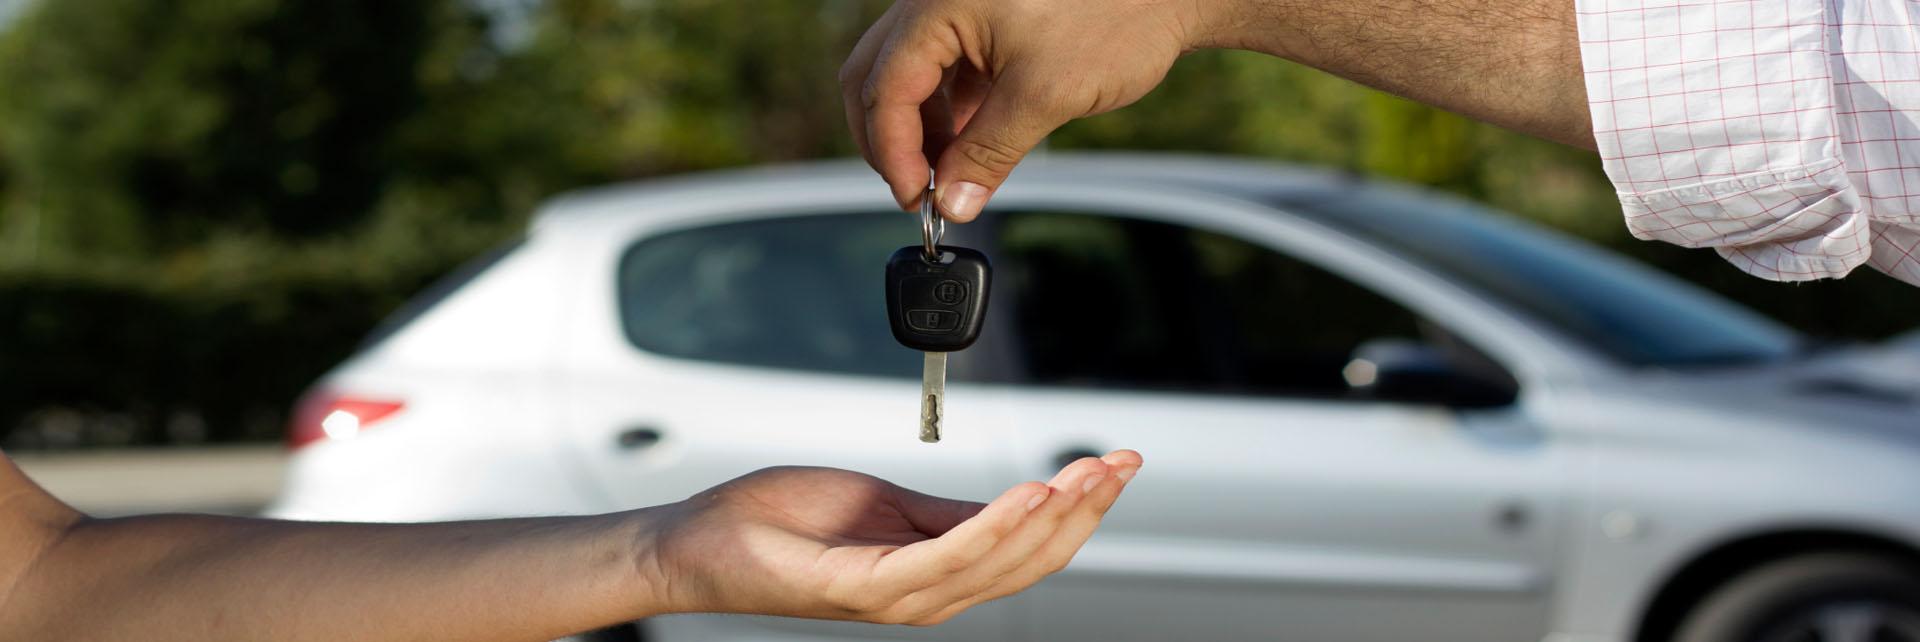 Come fare il passaggio di proprietà auto in Comune